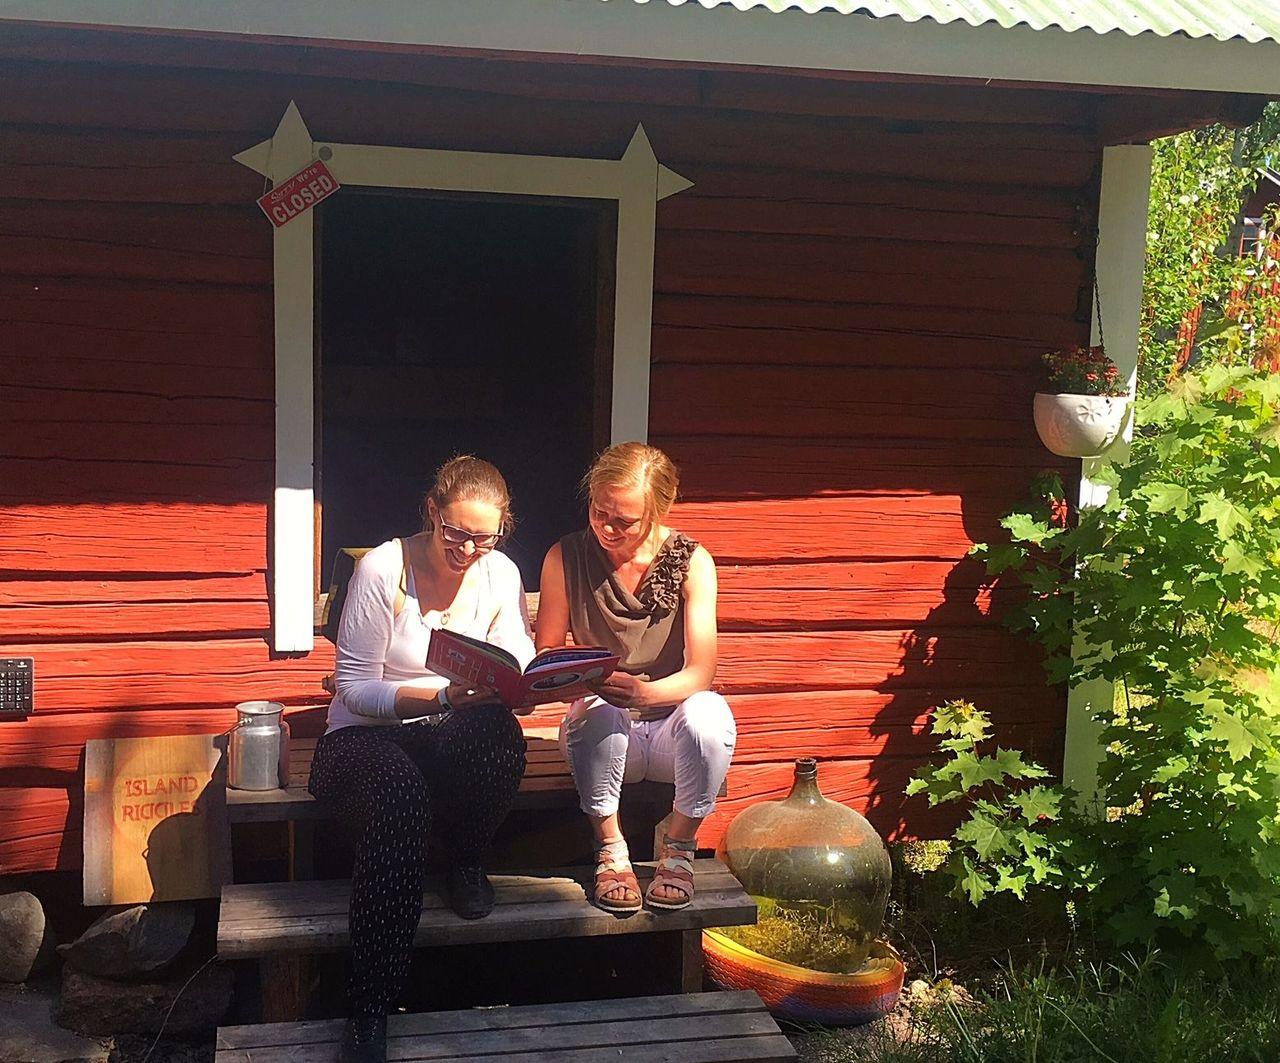 Island Riddles entreprenören Erika Englund hoppas på ökat samarbete mellan företagarna